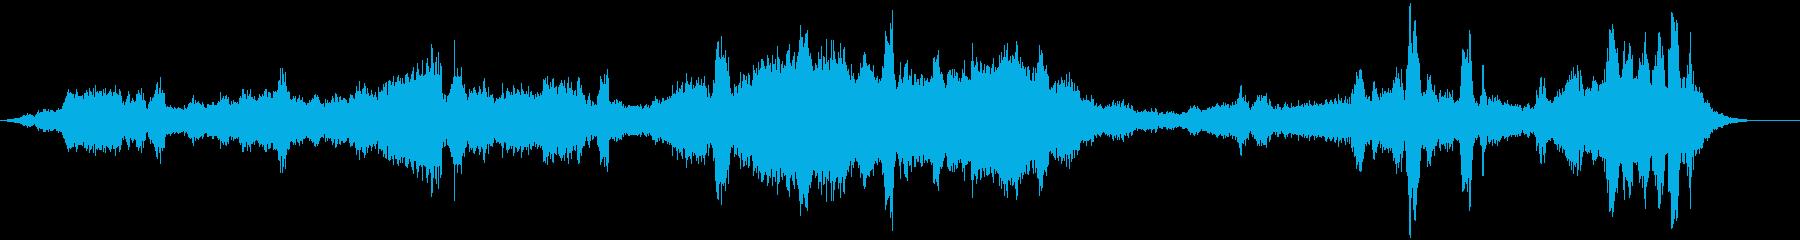 複数発声ボーカルドローンボーカルの再生済みの波形